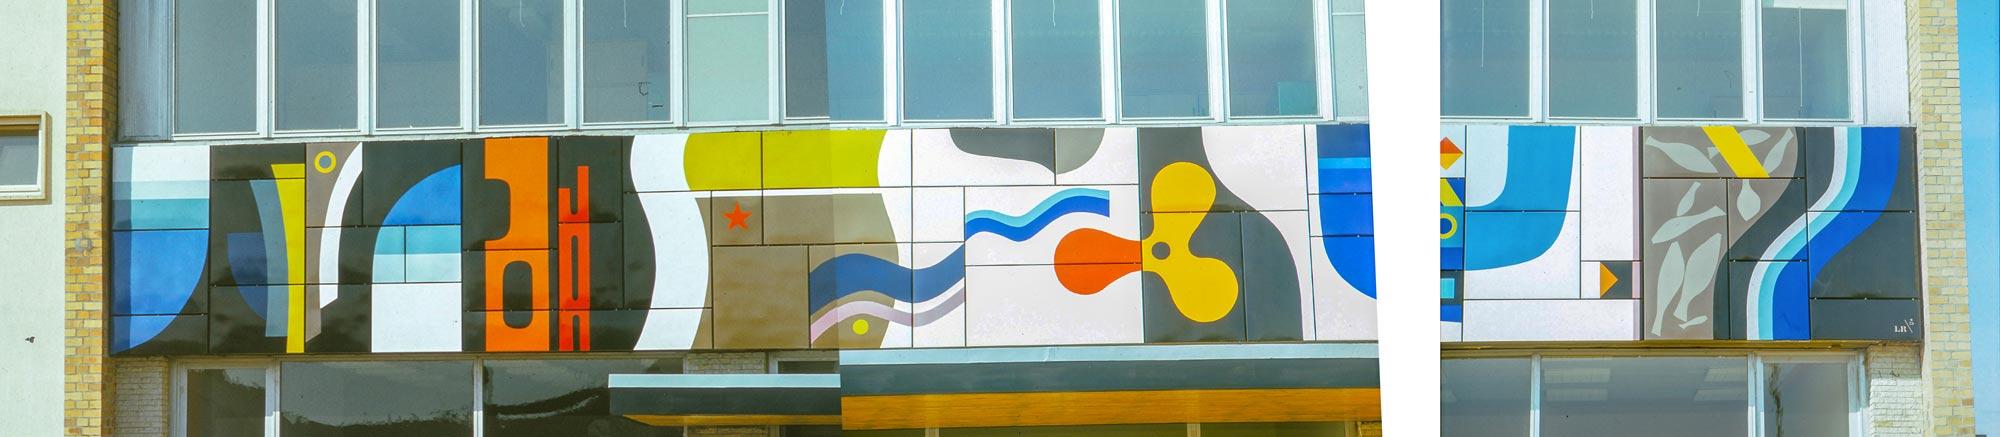 Lutz Rudolph, Fassadengestaltung Emailrelief VEB Volkswerft Stralsund, 1973.